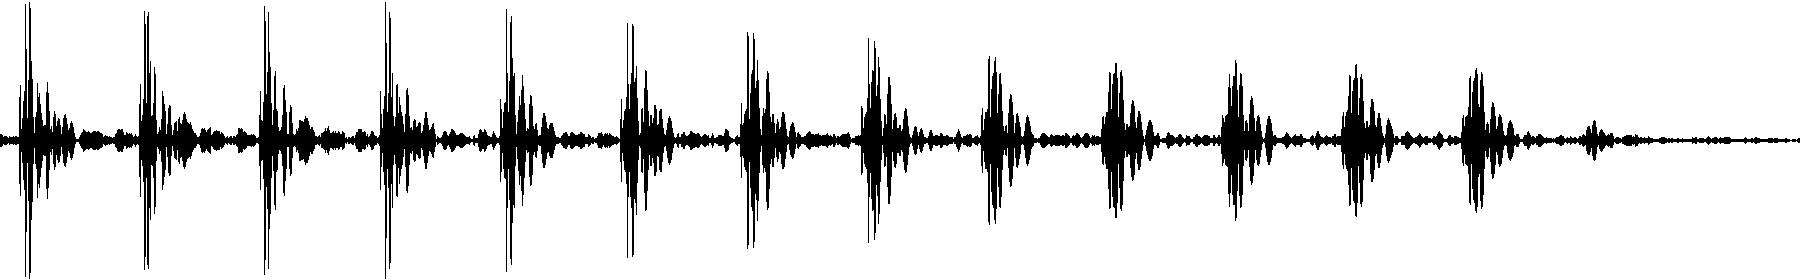 veh2 synths   066 c